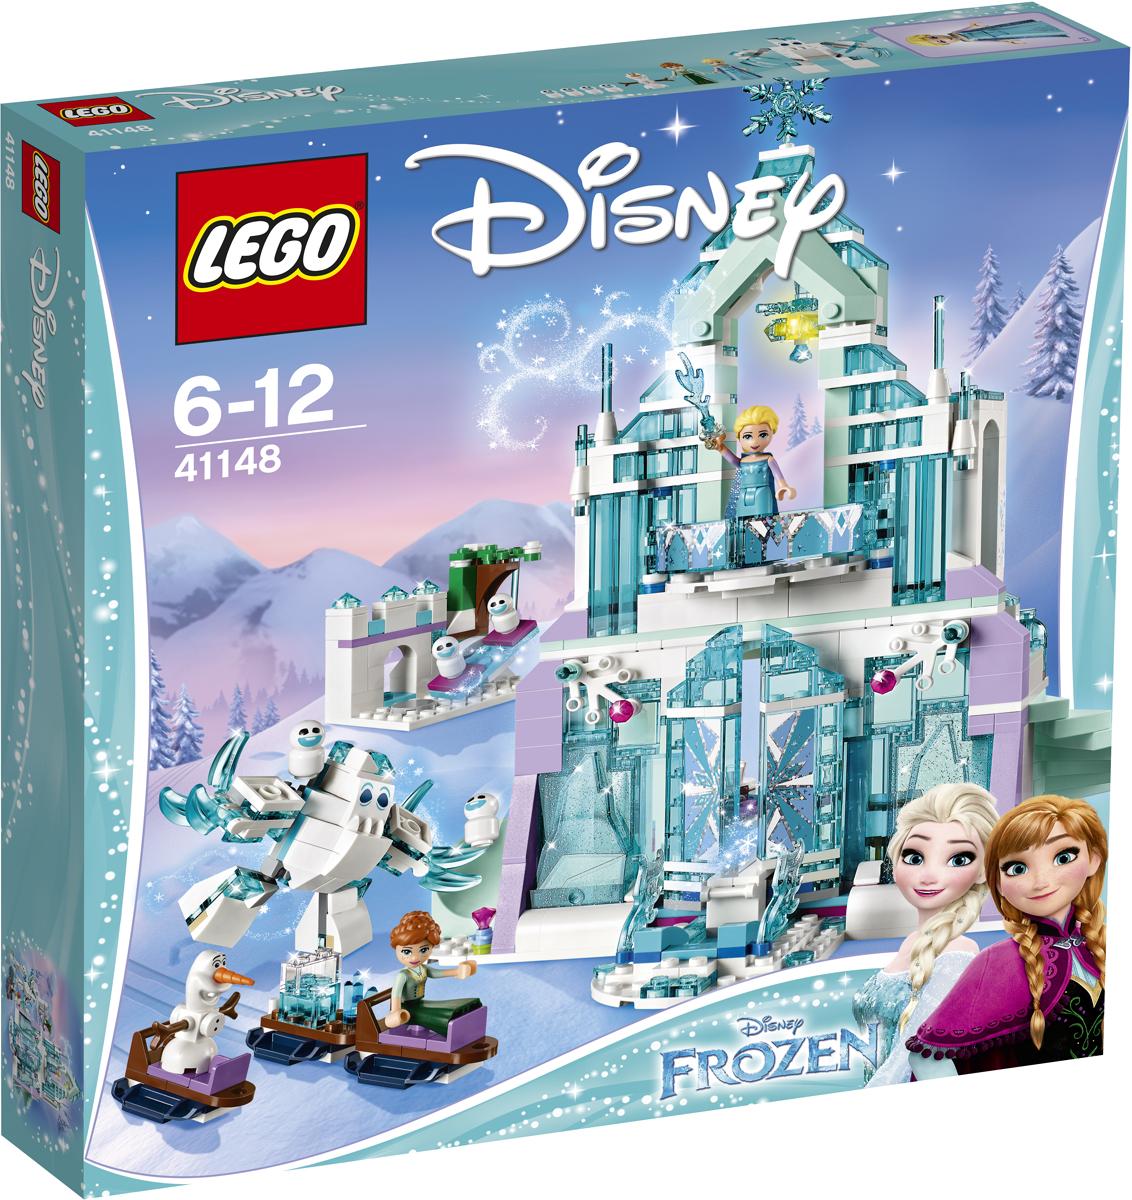 LEGO Disney Princesses Конструктор Волшебный ледяной замок Эльзы 4114841148Отправляйся на санях с Анной к ледяному замку, чтобы помочь Эльзе магическим образом открыть главные ворота и опустить мост. Выпей чаю с тортом в большом зале, а потом выдвини волшебную лестницу, чтобы подняться в спальню. Скатись по горке на игровую площадку, где Олаф, Маршмеллоу и Снежки ждут Эльзу, чтобы сыграть в весёлую игру.